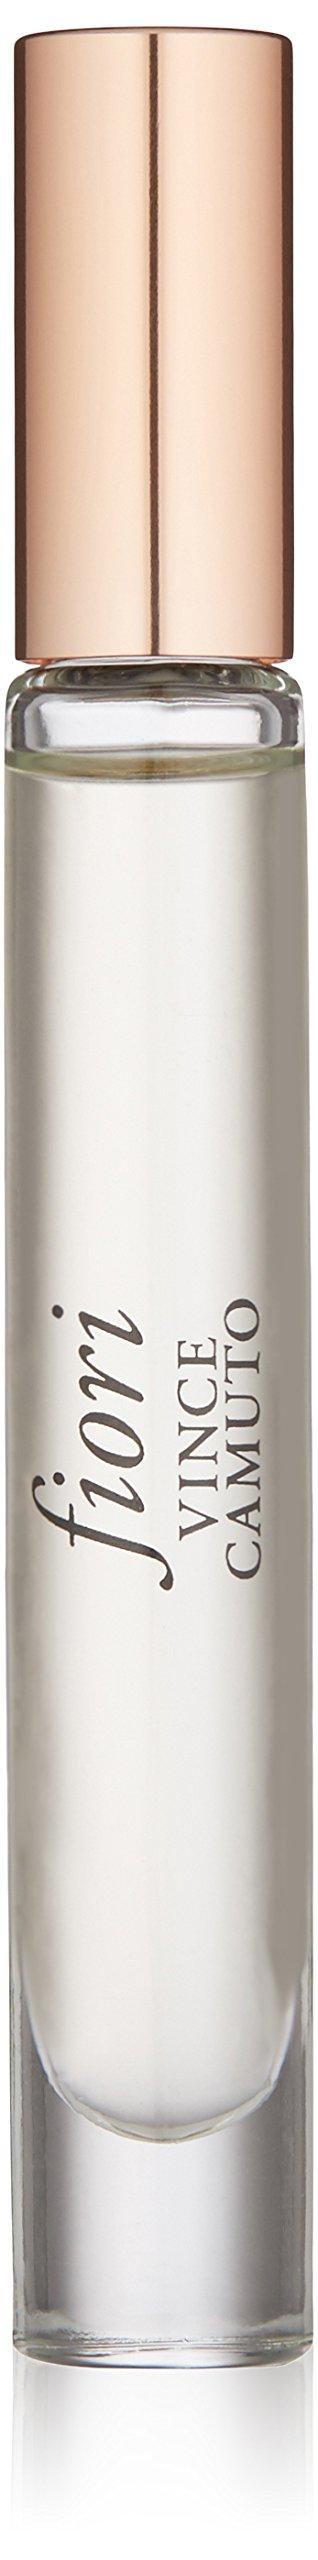 Vince Camuto Eau de Parfum Spray, Fiori, 0.2 Fl Oz